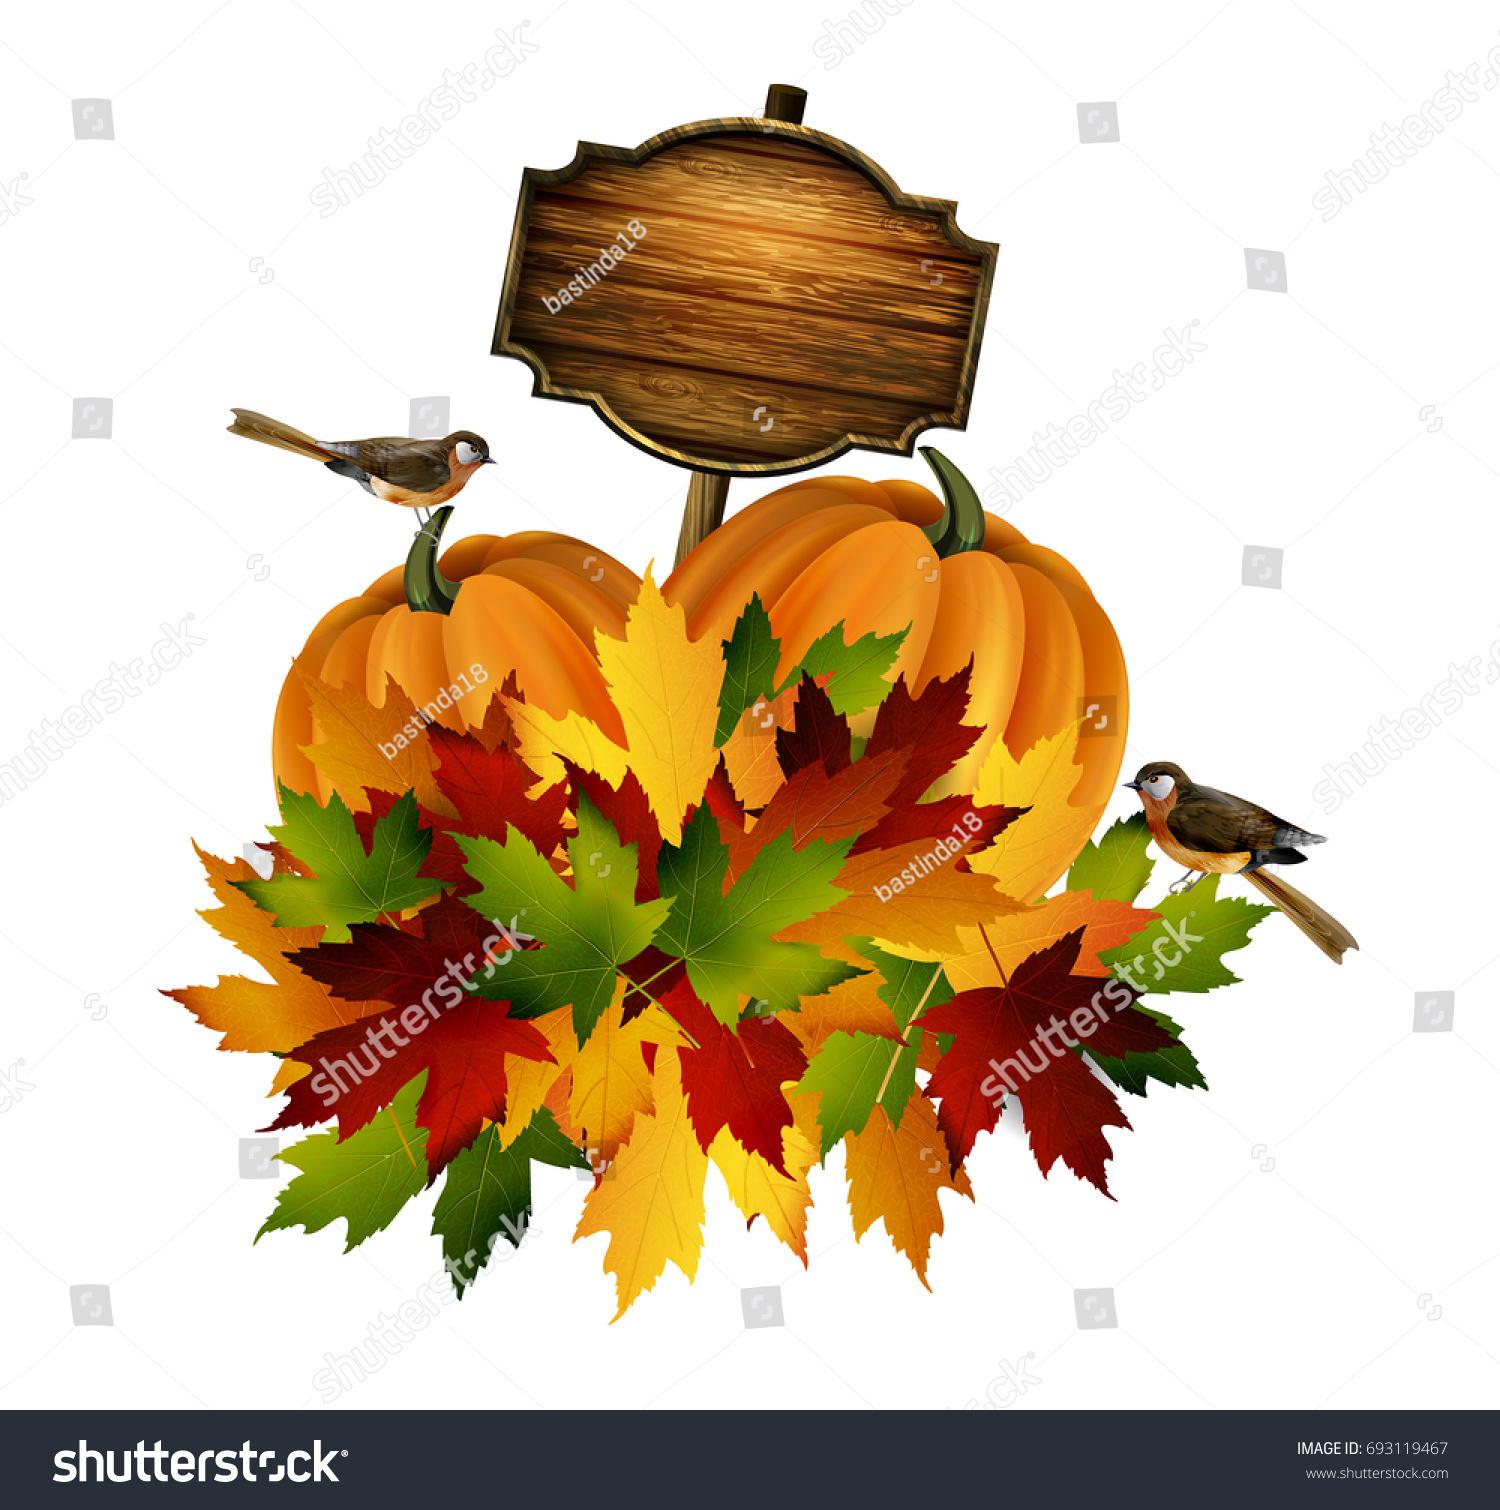 Thanksgiving Vector Autumn Composition Stock Photo (Photo, Vector ...